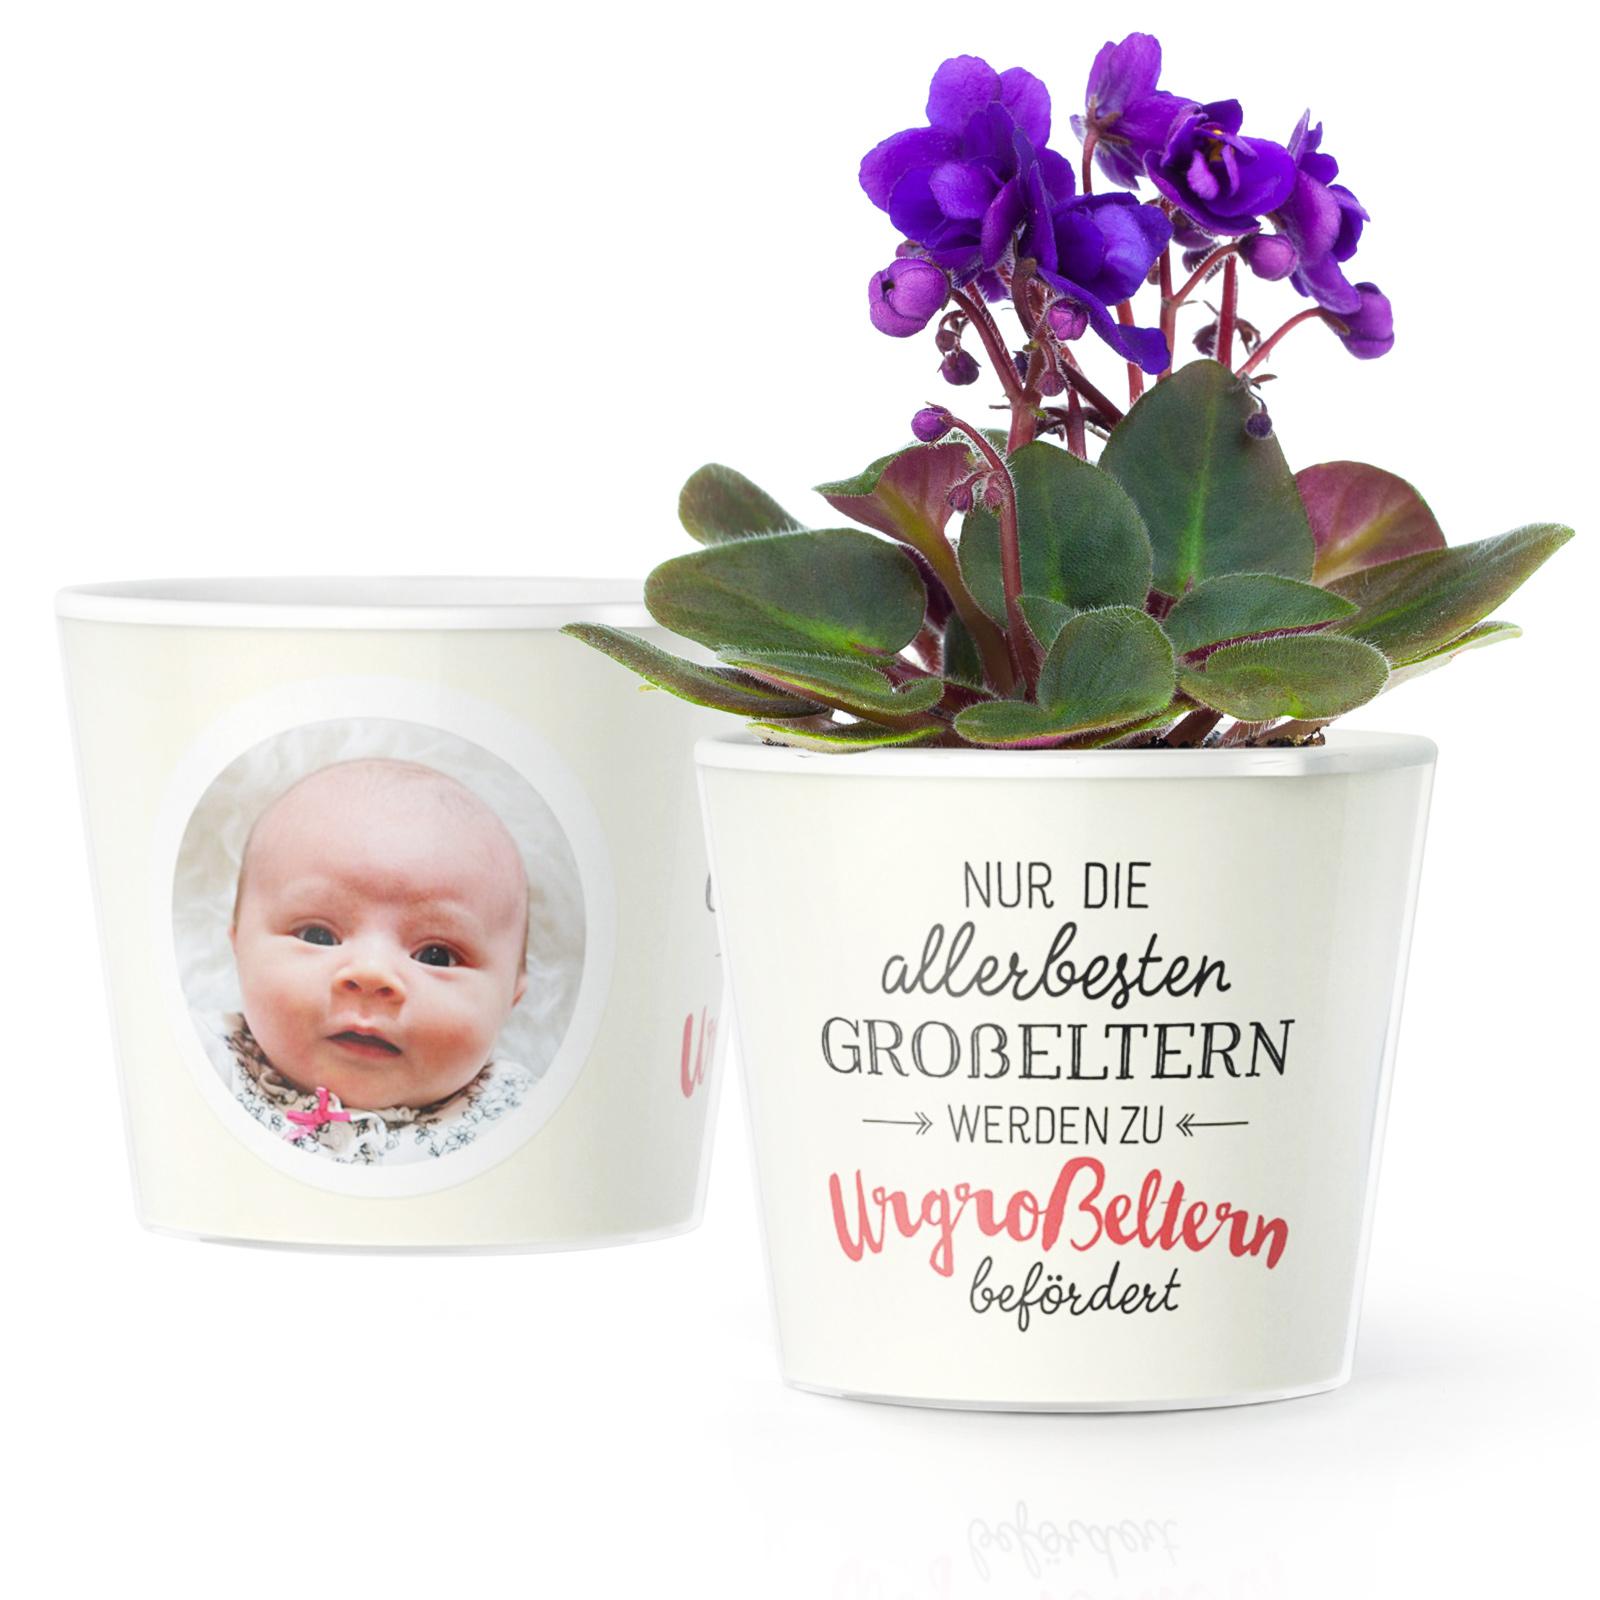 Baby Urgrosseltern Werden Geschenk